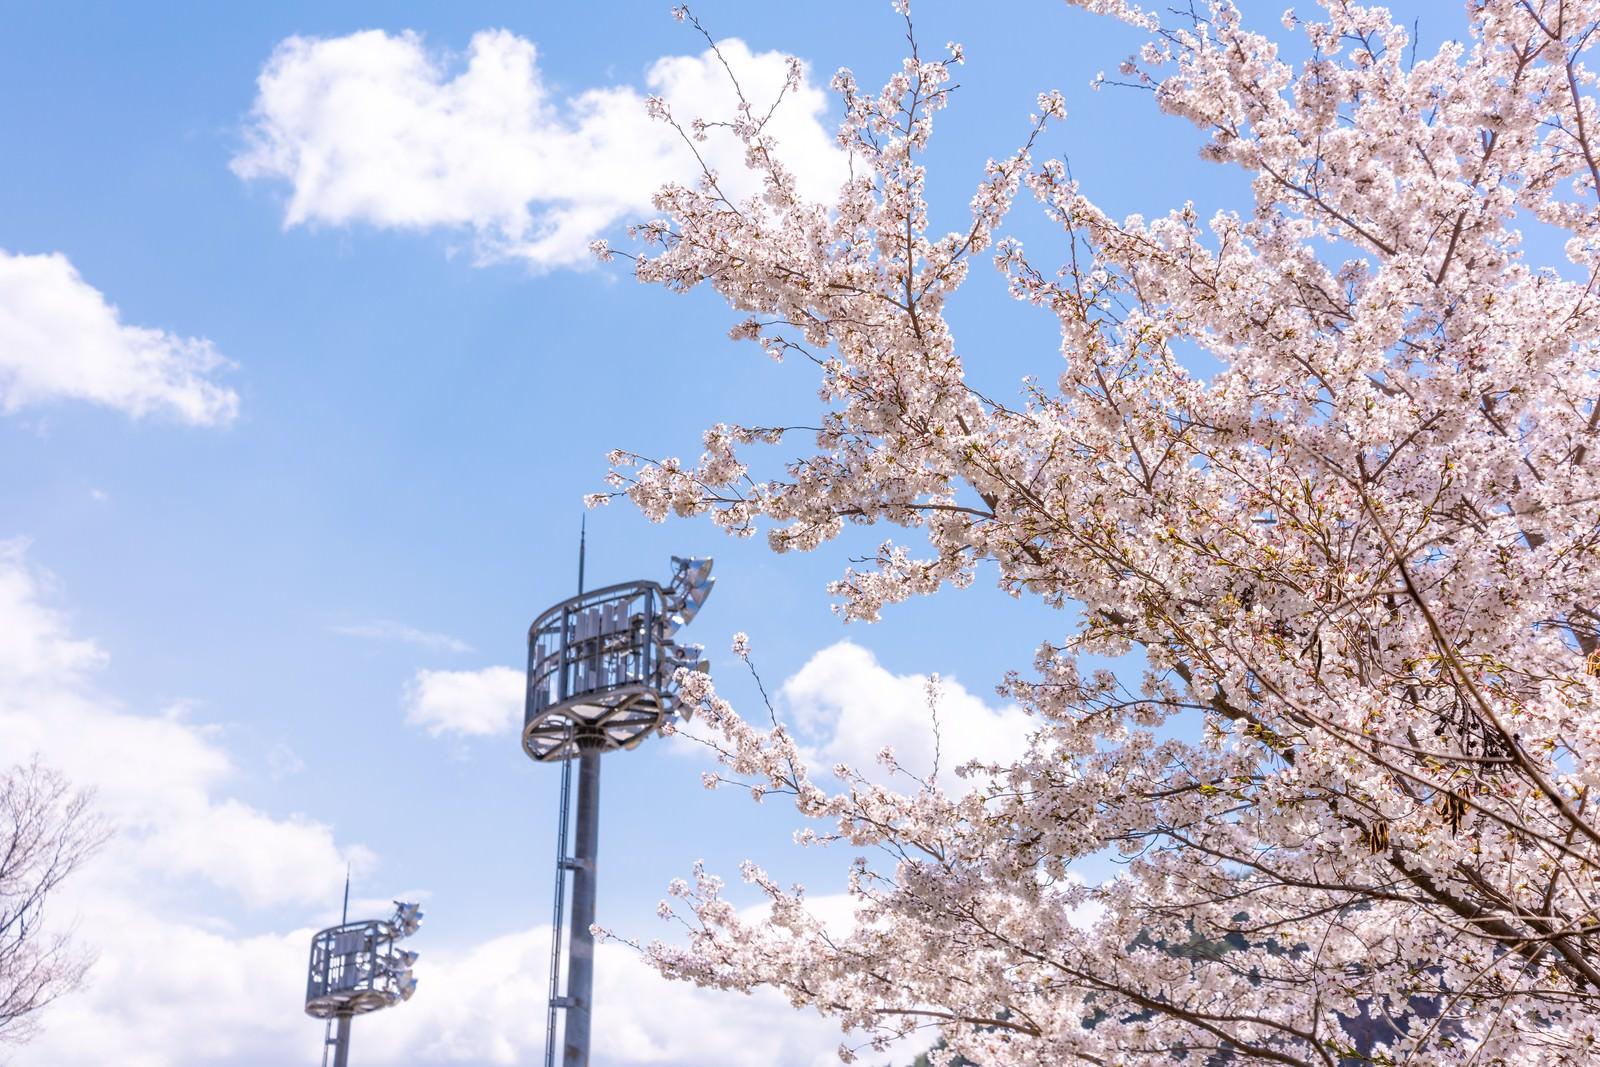 「武石グラウンドの照明設備と満開の桜」の写真